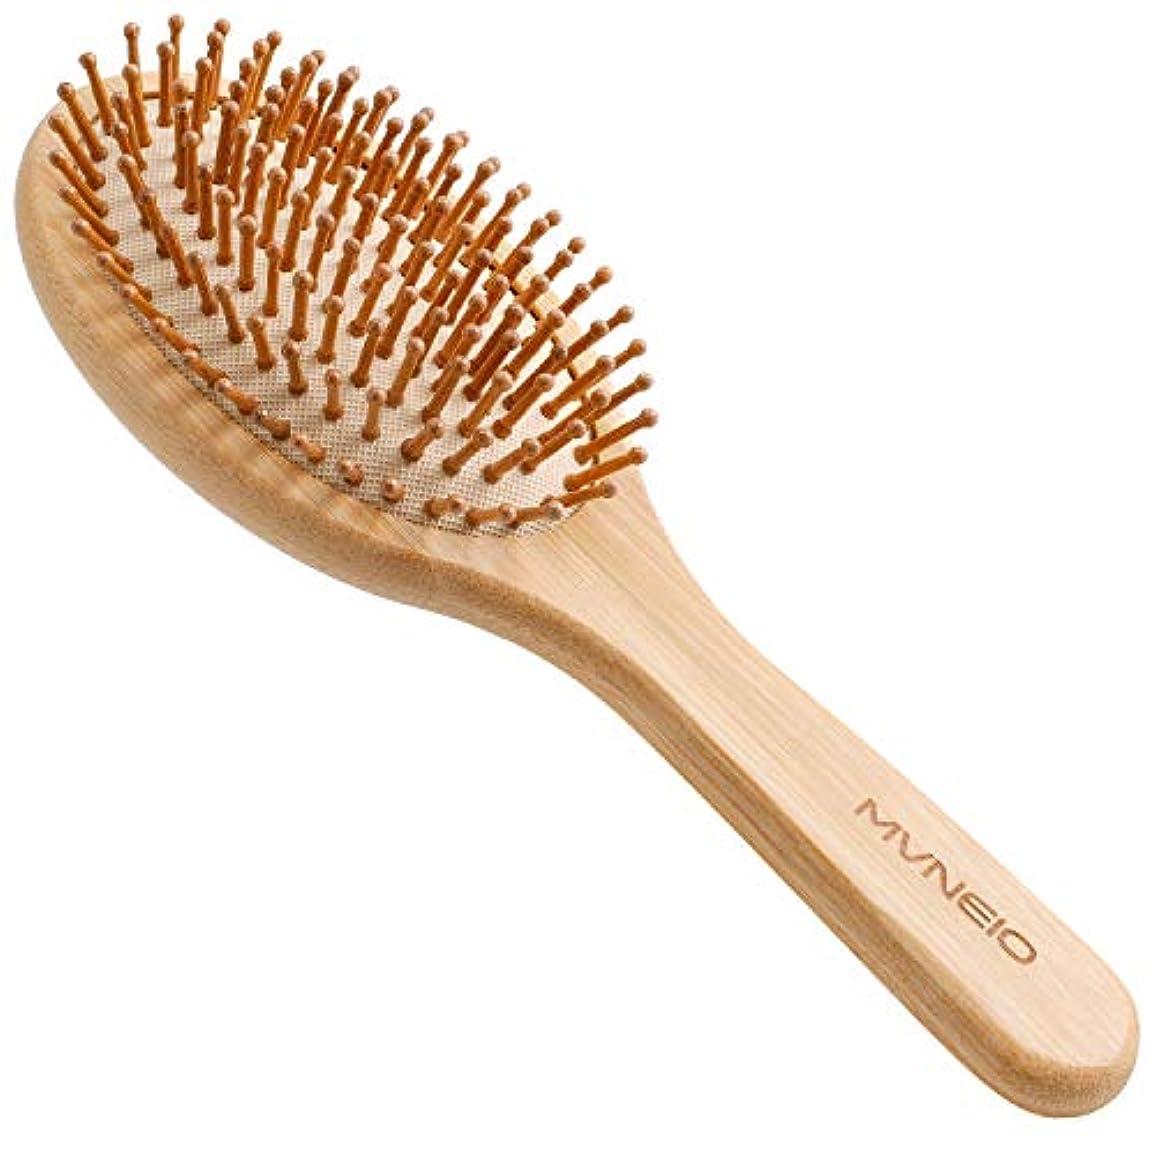 上流の味付け本体ヘアブラシ 竹製櫛 くし ヘアケア 頭皮マッサージ 静電気防止 パドルブラシ 美髪ケア 頭皮に優しい メンズ レディースに適用